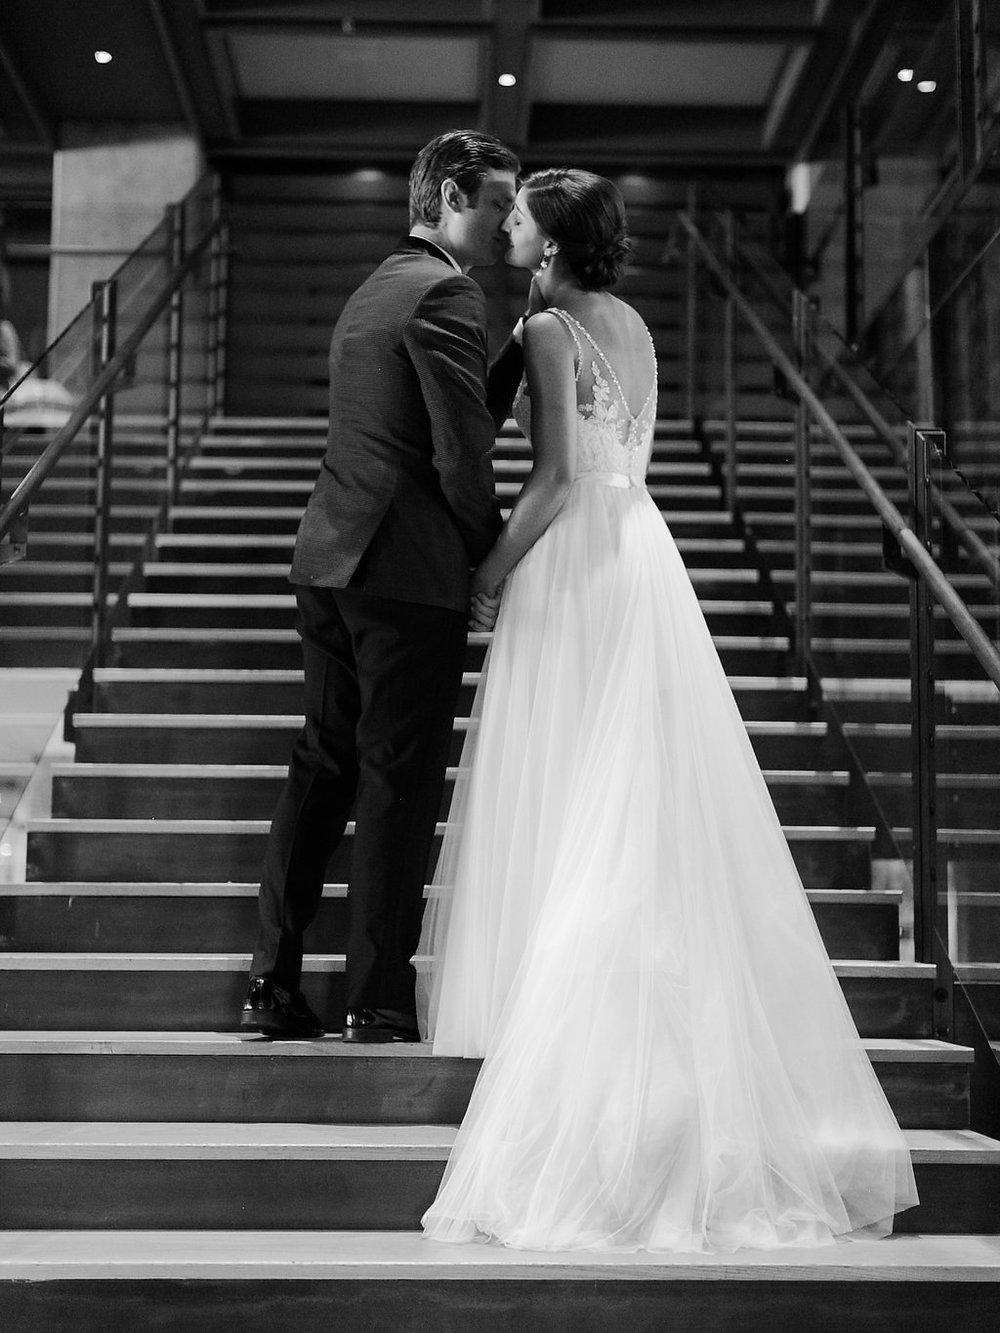 Rachel_Ben_Wedding_Hotel_Van_Zandt252.jpg